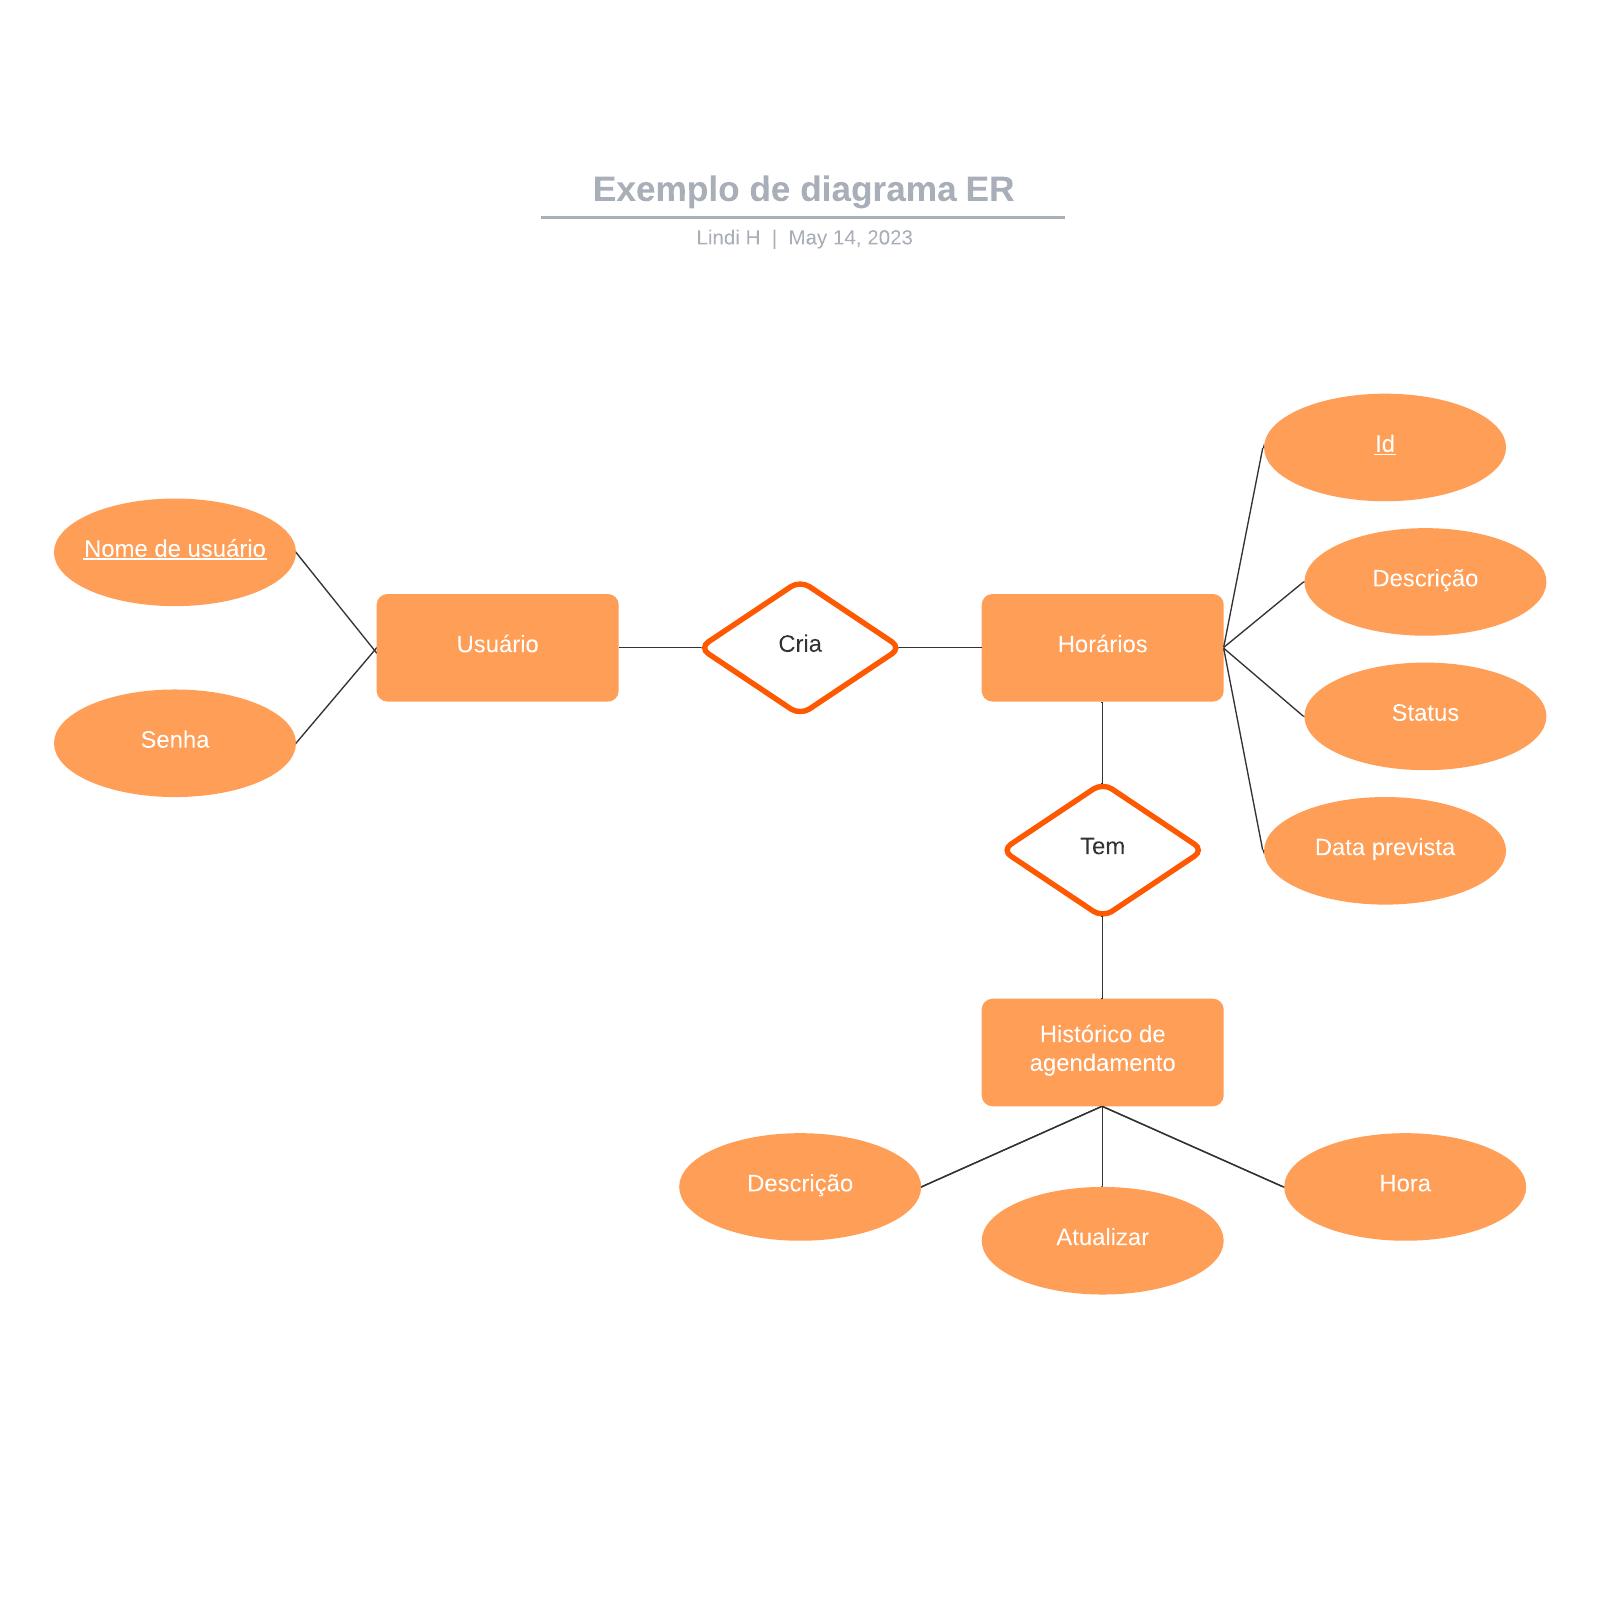 Exemplo de diagrama ER